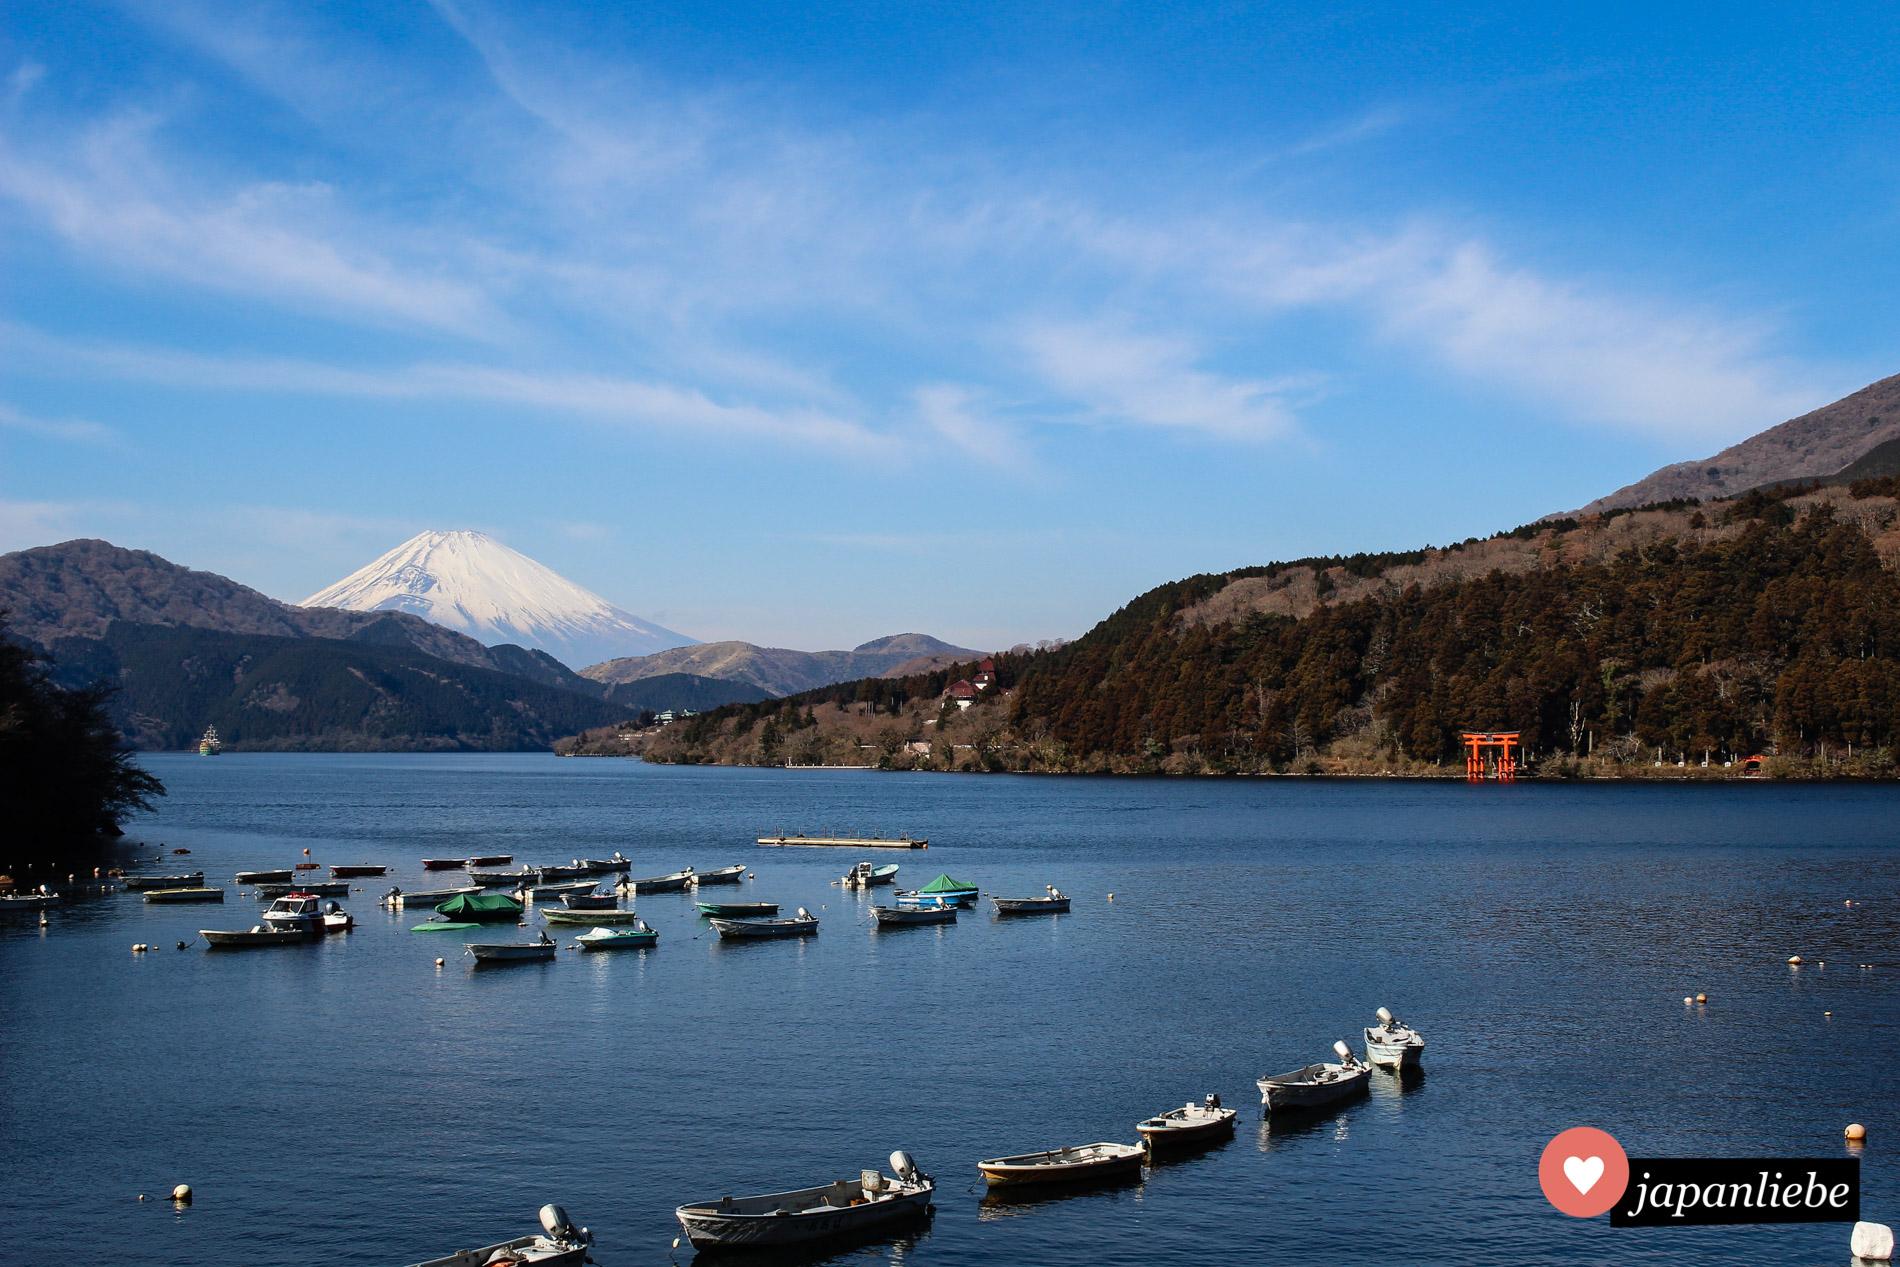 Idyllisch liegen Boote im Wasser des Ashi-Sees. Im Hintergrund ragt imposant der Fuji-san auf.